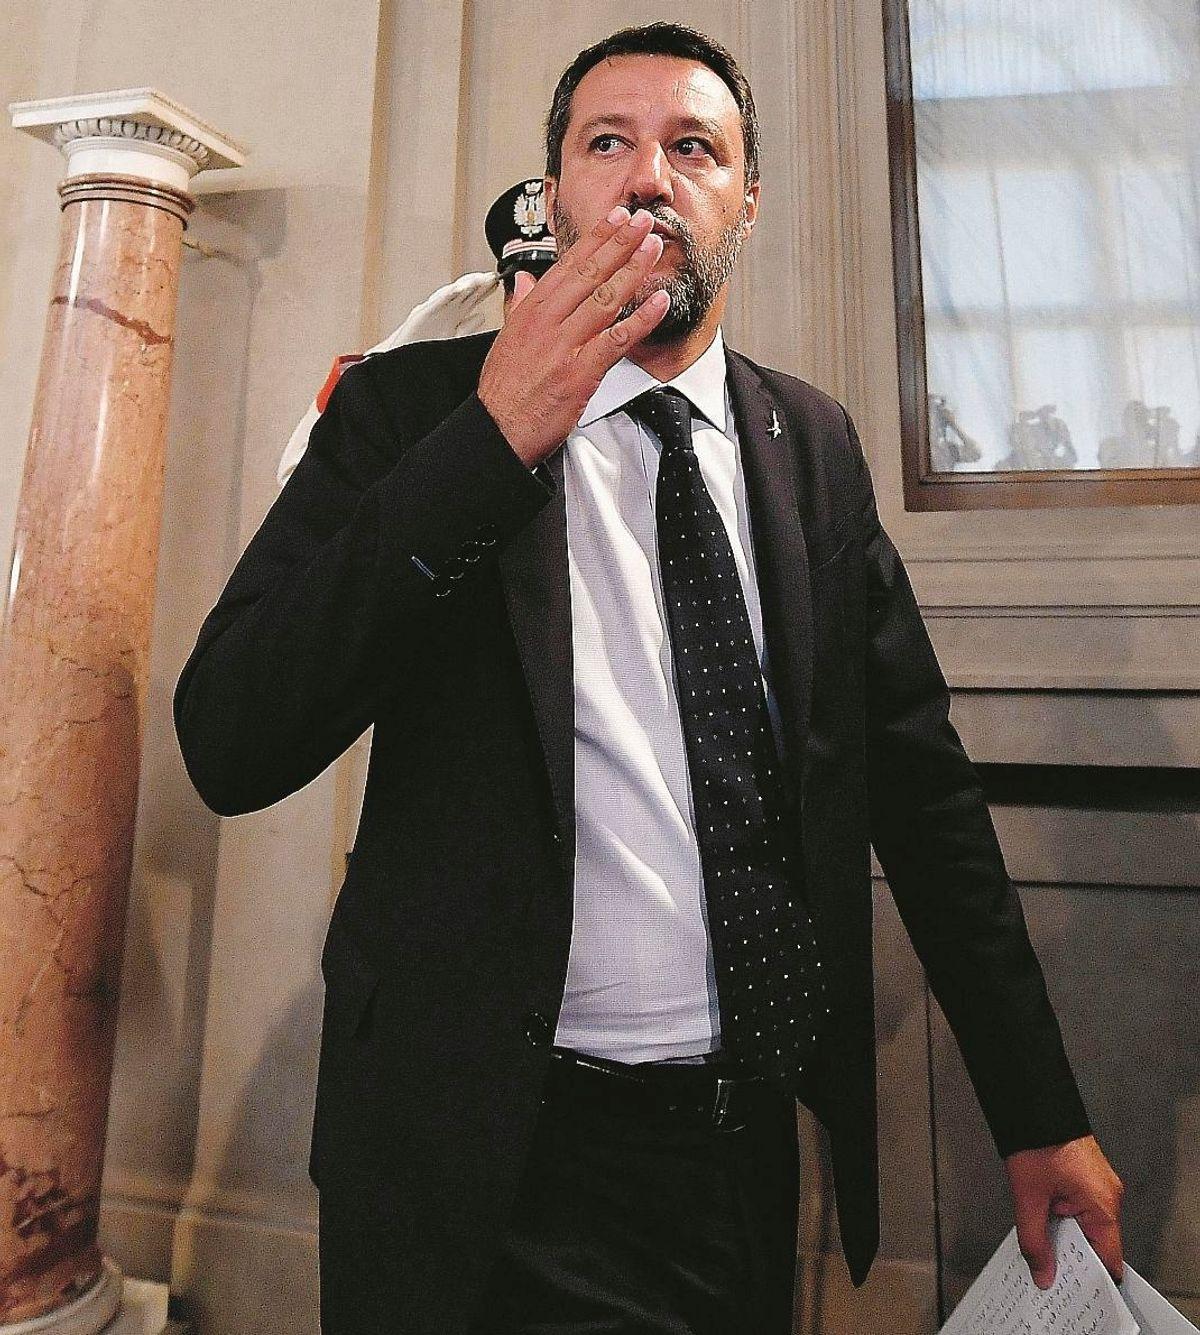 Ultima offerta di Salvini ai grillini. Ma il suo vero obiettivo è votare